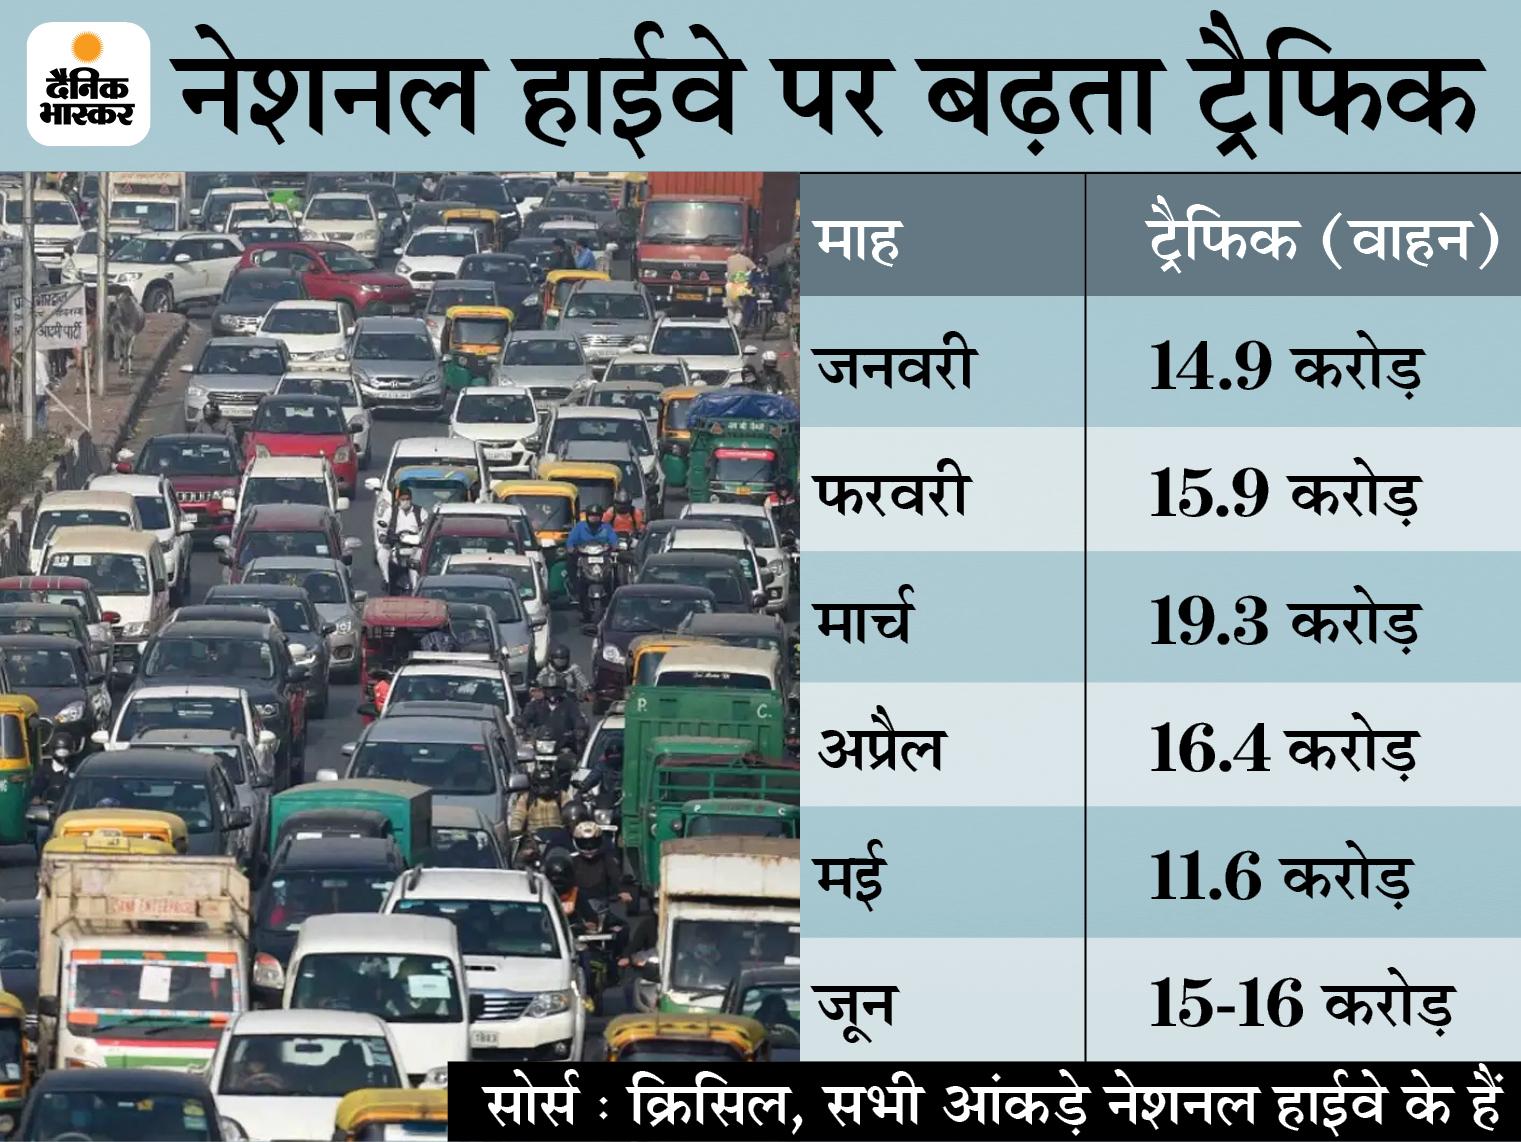 लॉकडाउन में ढील से जून में नेशनल हाईवे पर ट्रैफिक 35% बढ़ी, टोल कलेक्शन भी 24% बढ़कर 2600 करोड़ रुपए हुआ|बिजनेस,Business - Dainik Bhaskar